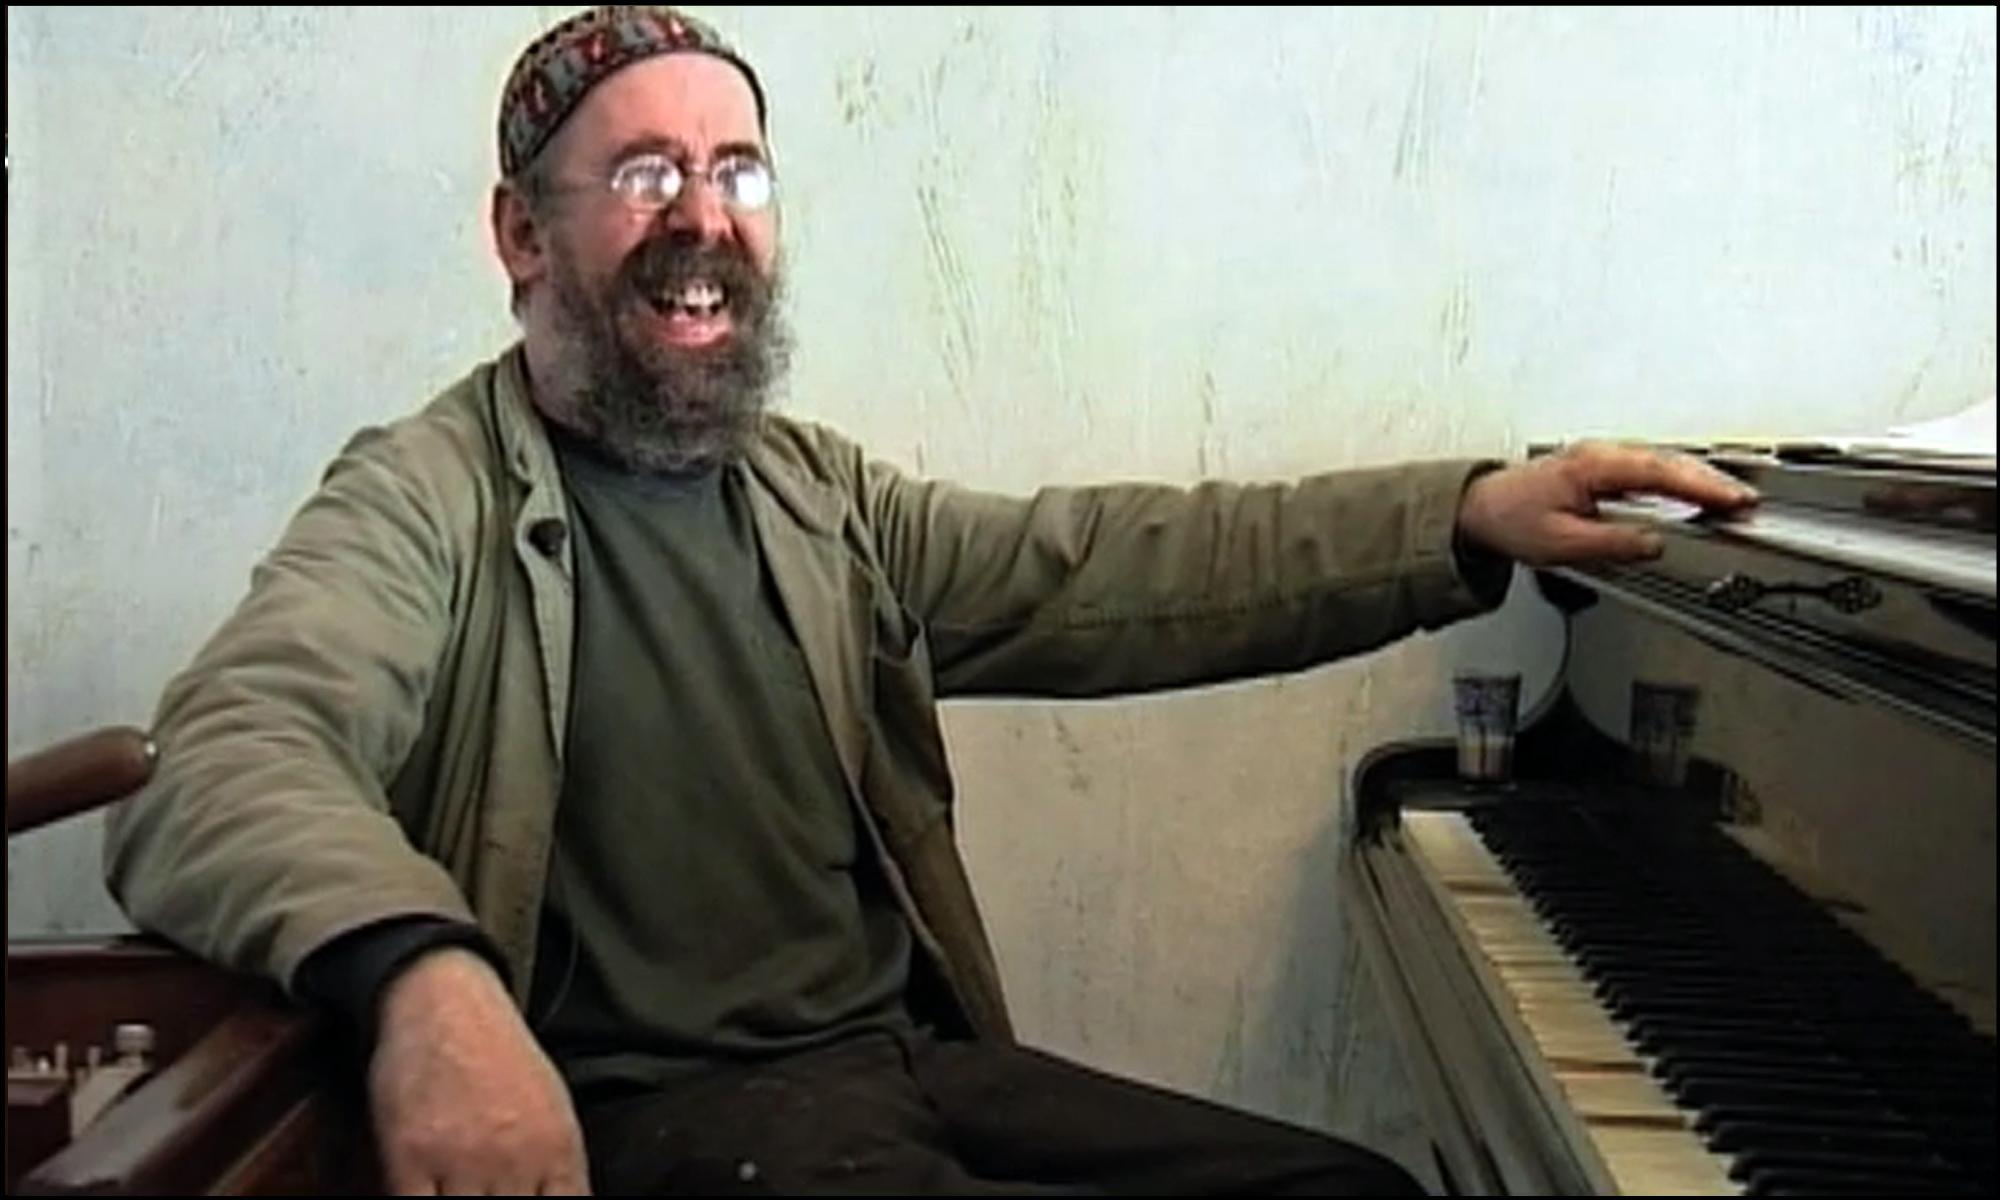 Zwerfkeien (1997), Jesse de Haas